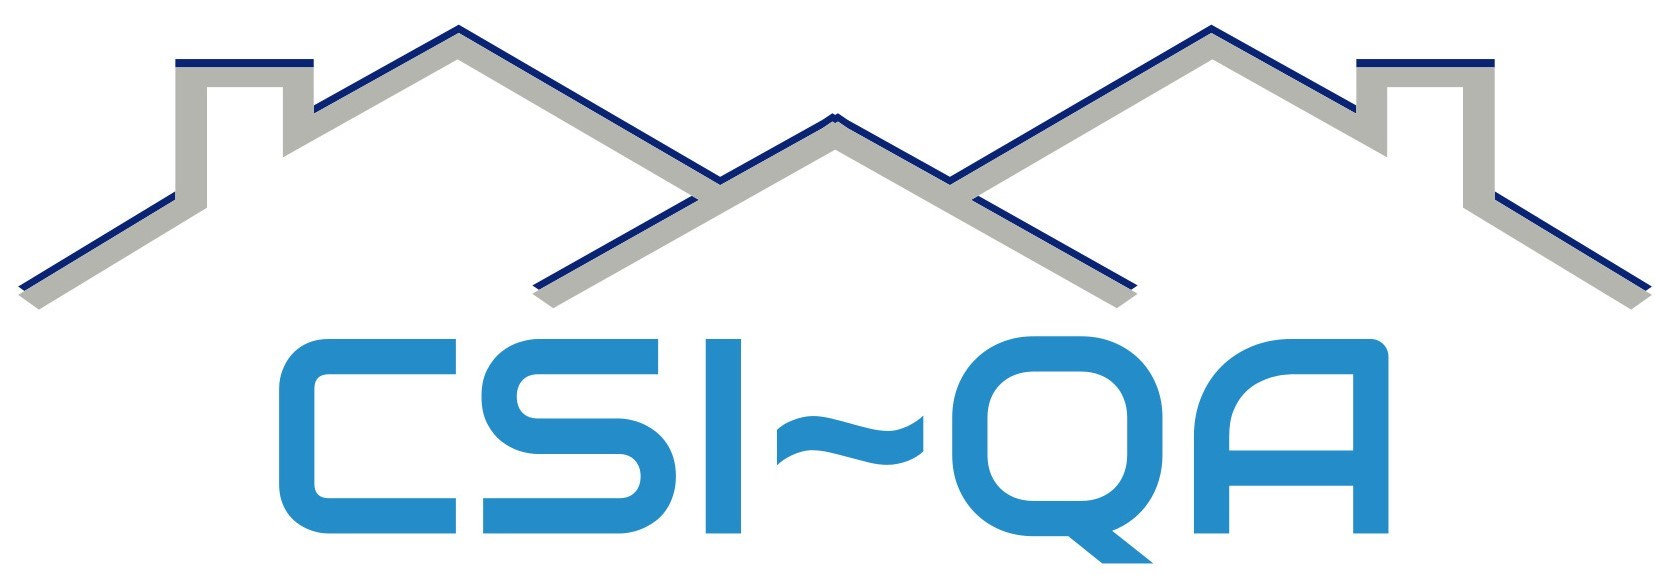 CSIQA LTD | Construction Site Inspection & Quality Assurance